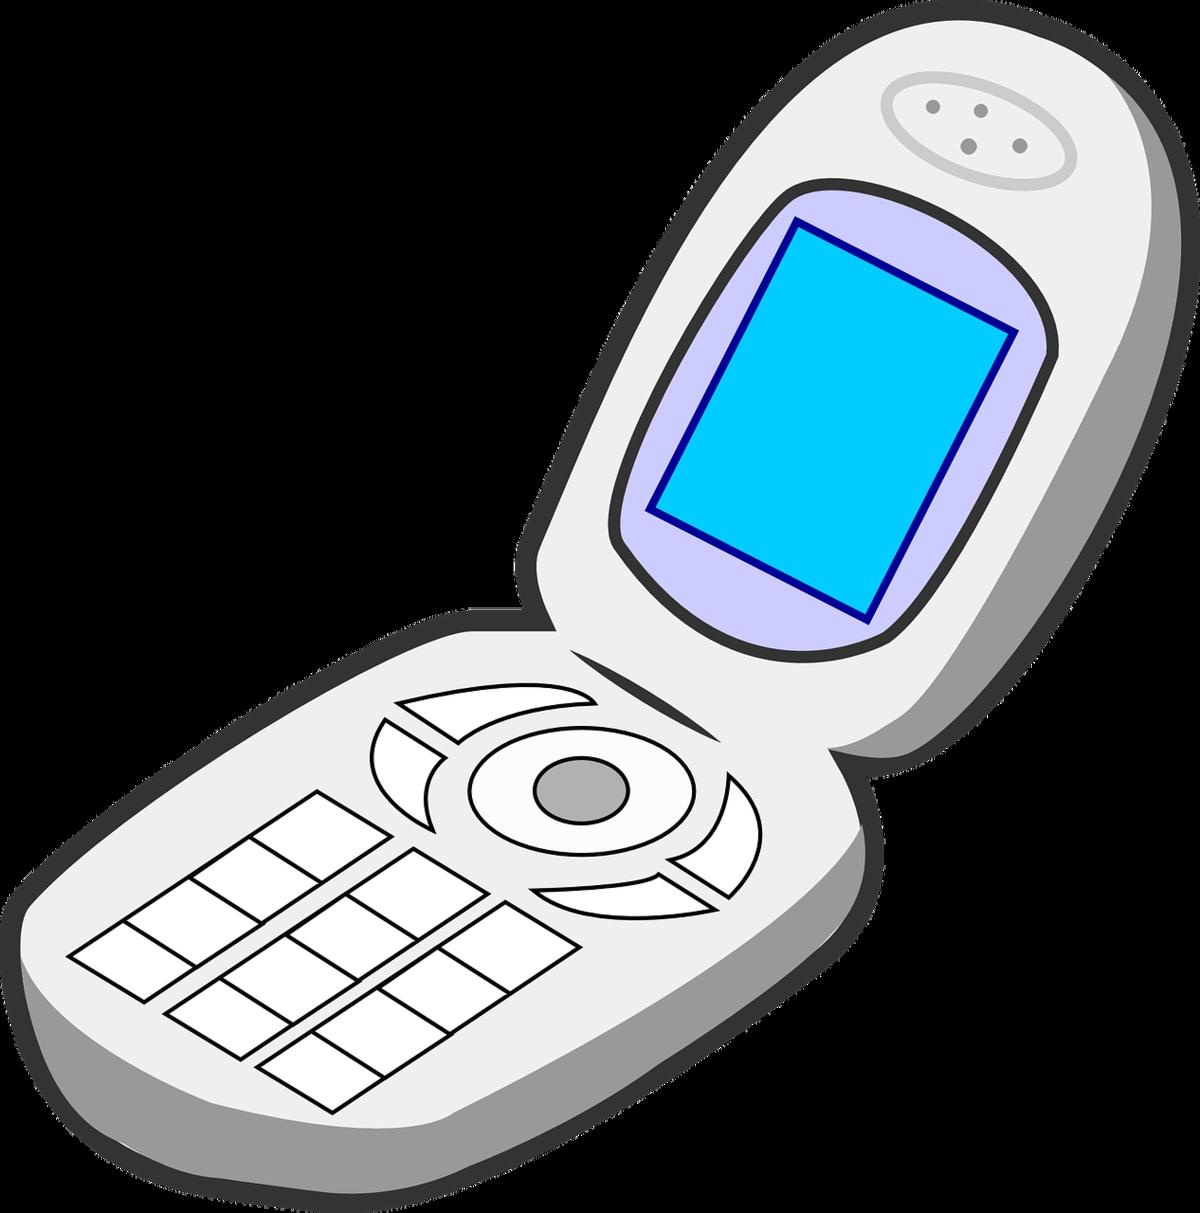 операторы картинка мобильного тел сегодня век современных